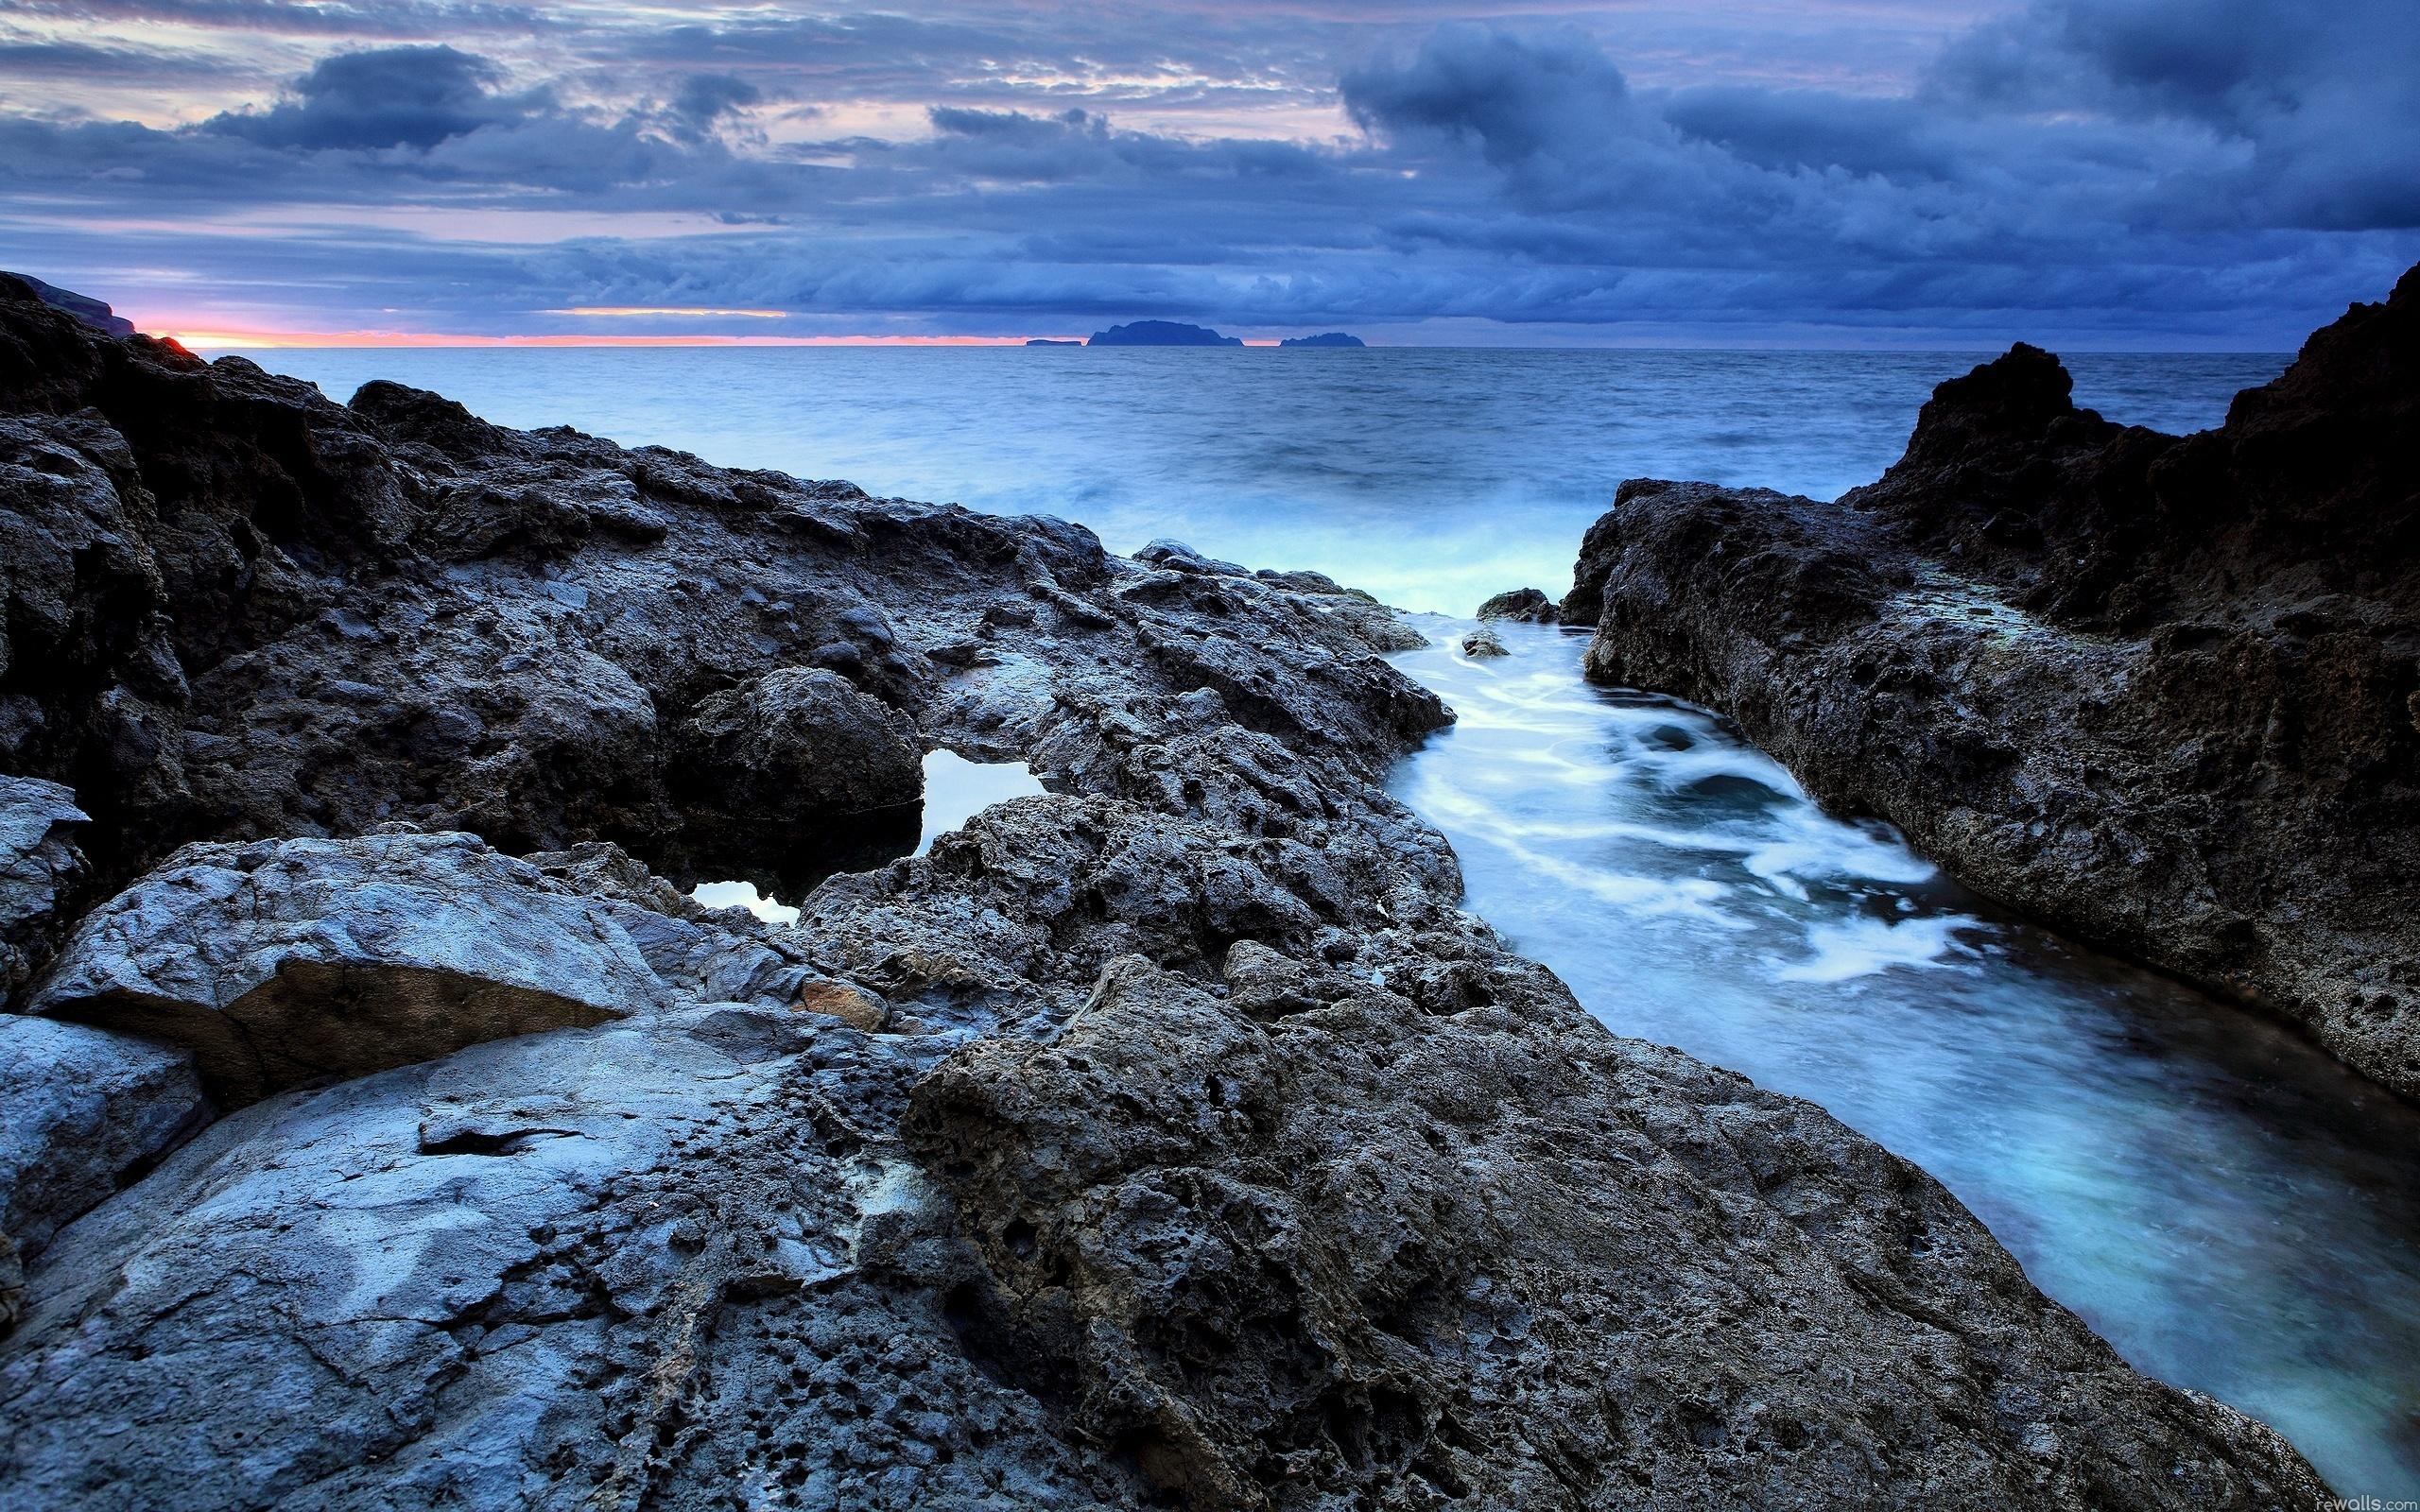 Sea Wallpaper water ocean river rock LACD landscape beauty 2560x1600